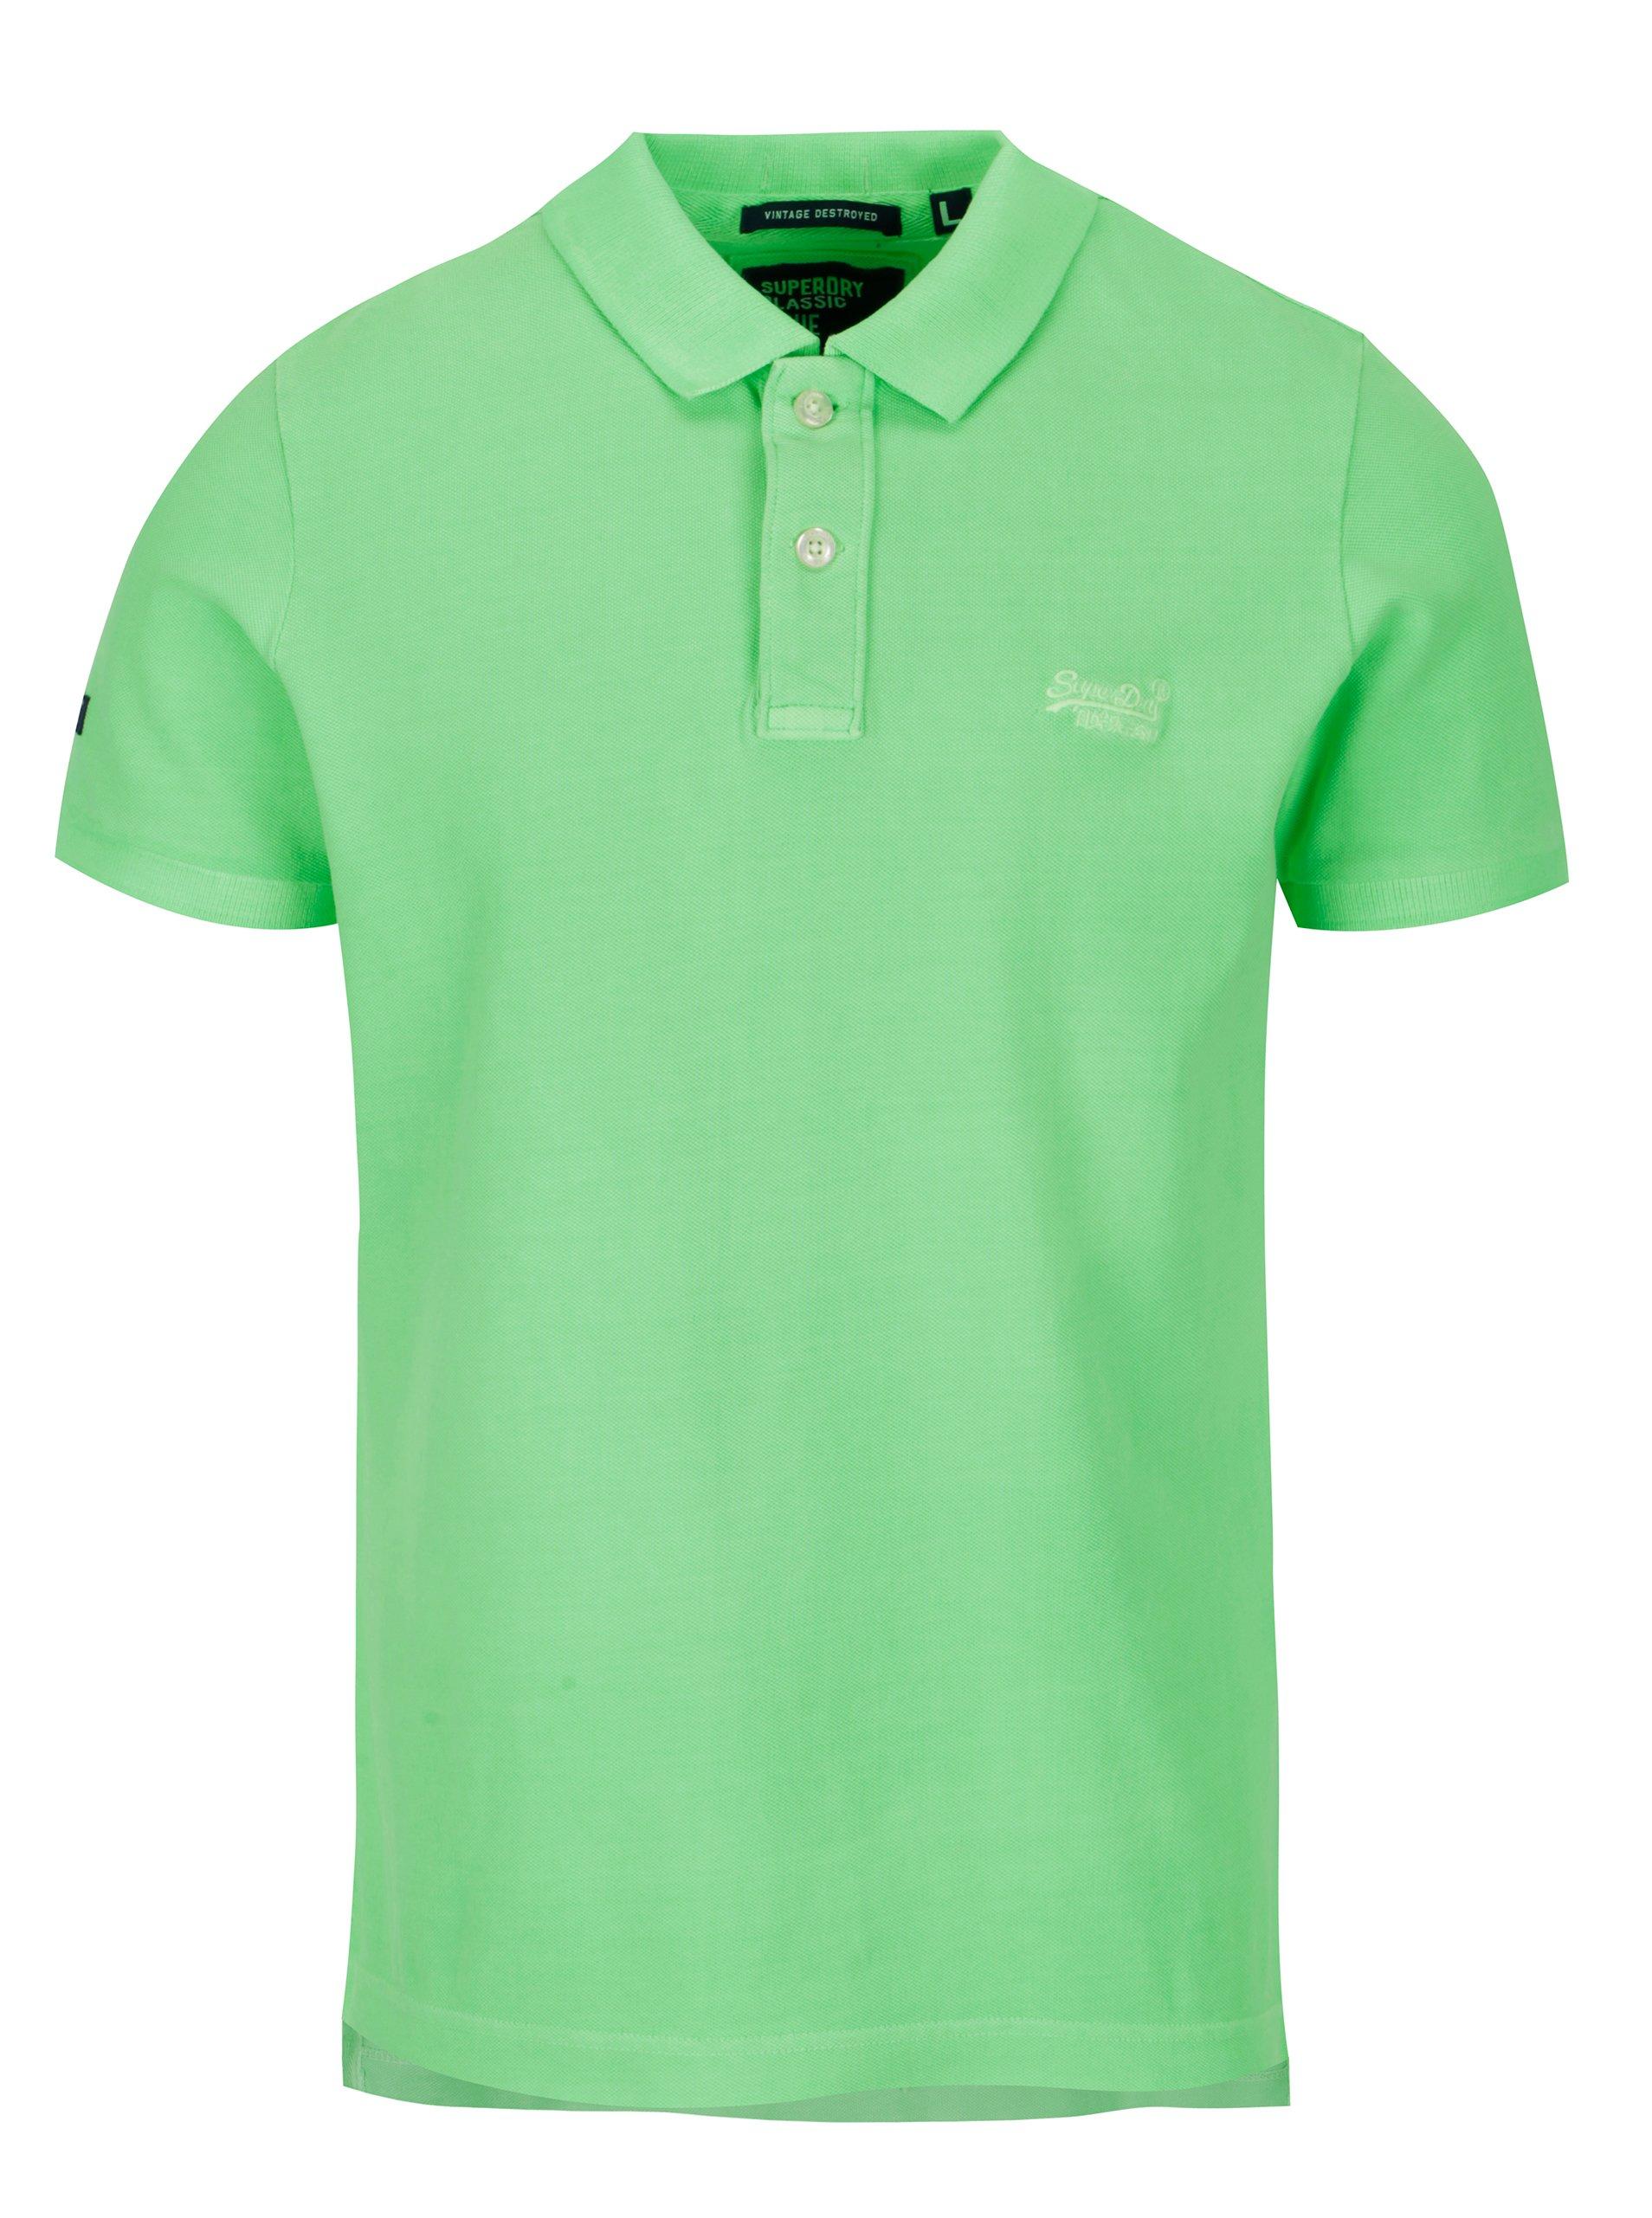 a1c3c4966dc1 Neonově zelené pánské polo tričko Superdry